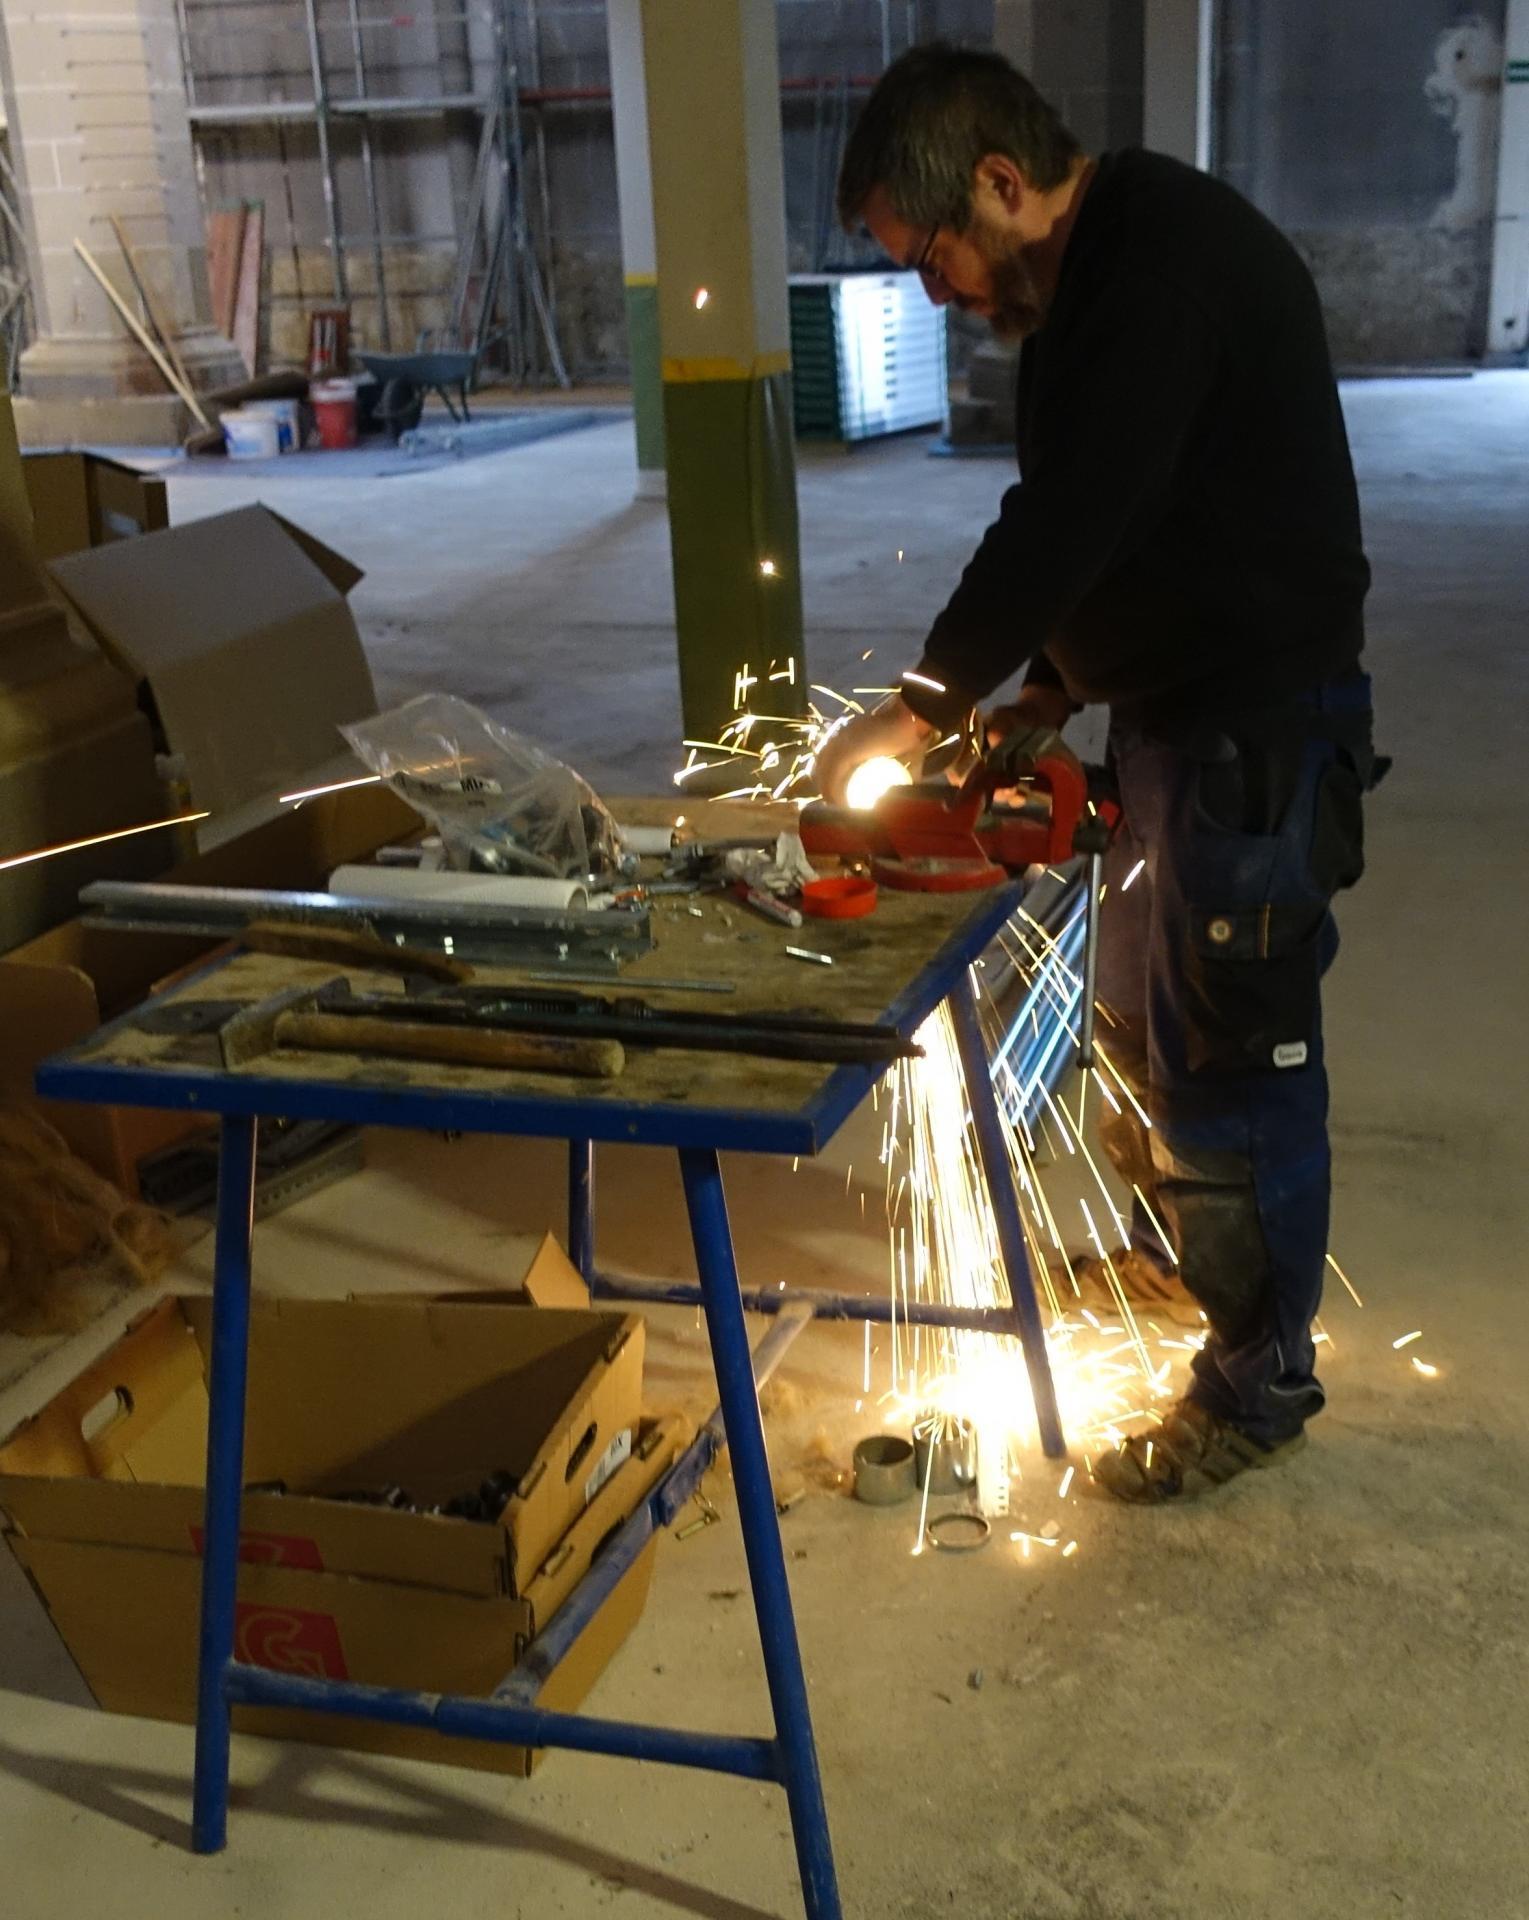 Bild 257 zeigt die vielfältige Arbeitsweise eines Heizungsbauers namens Erik Müller